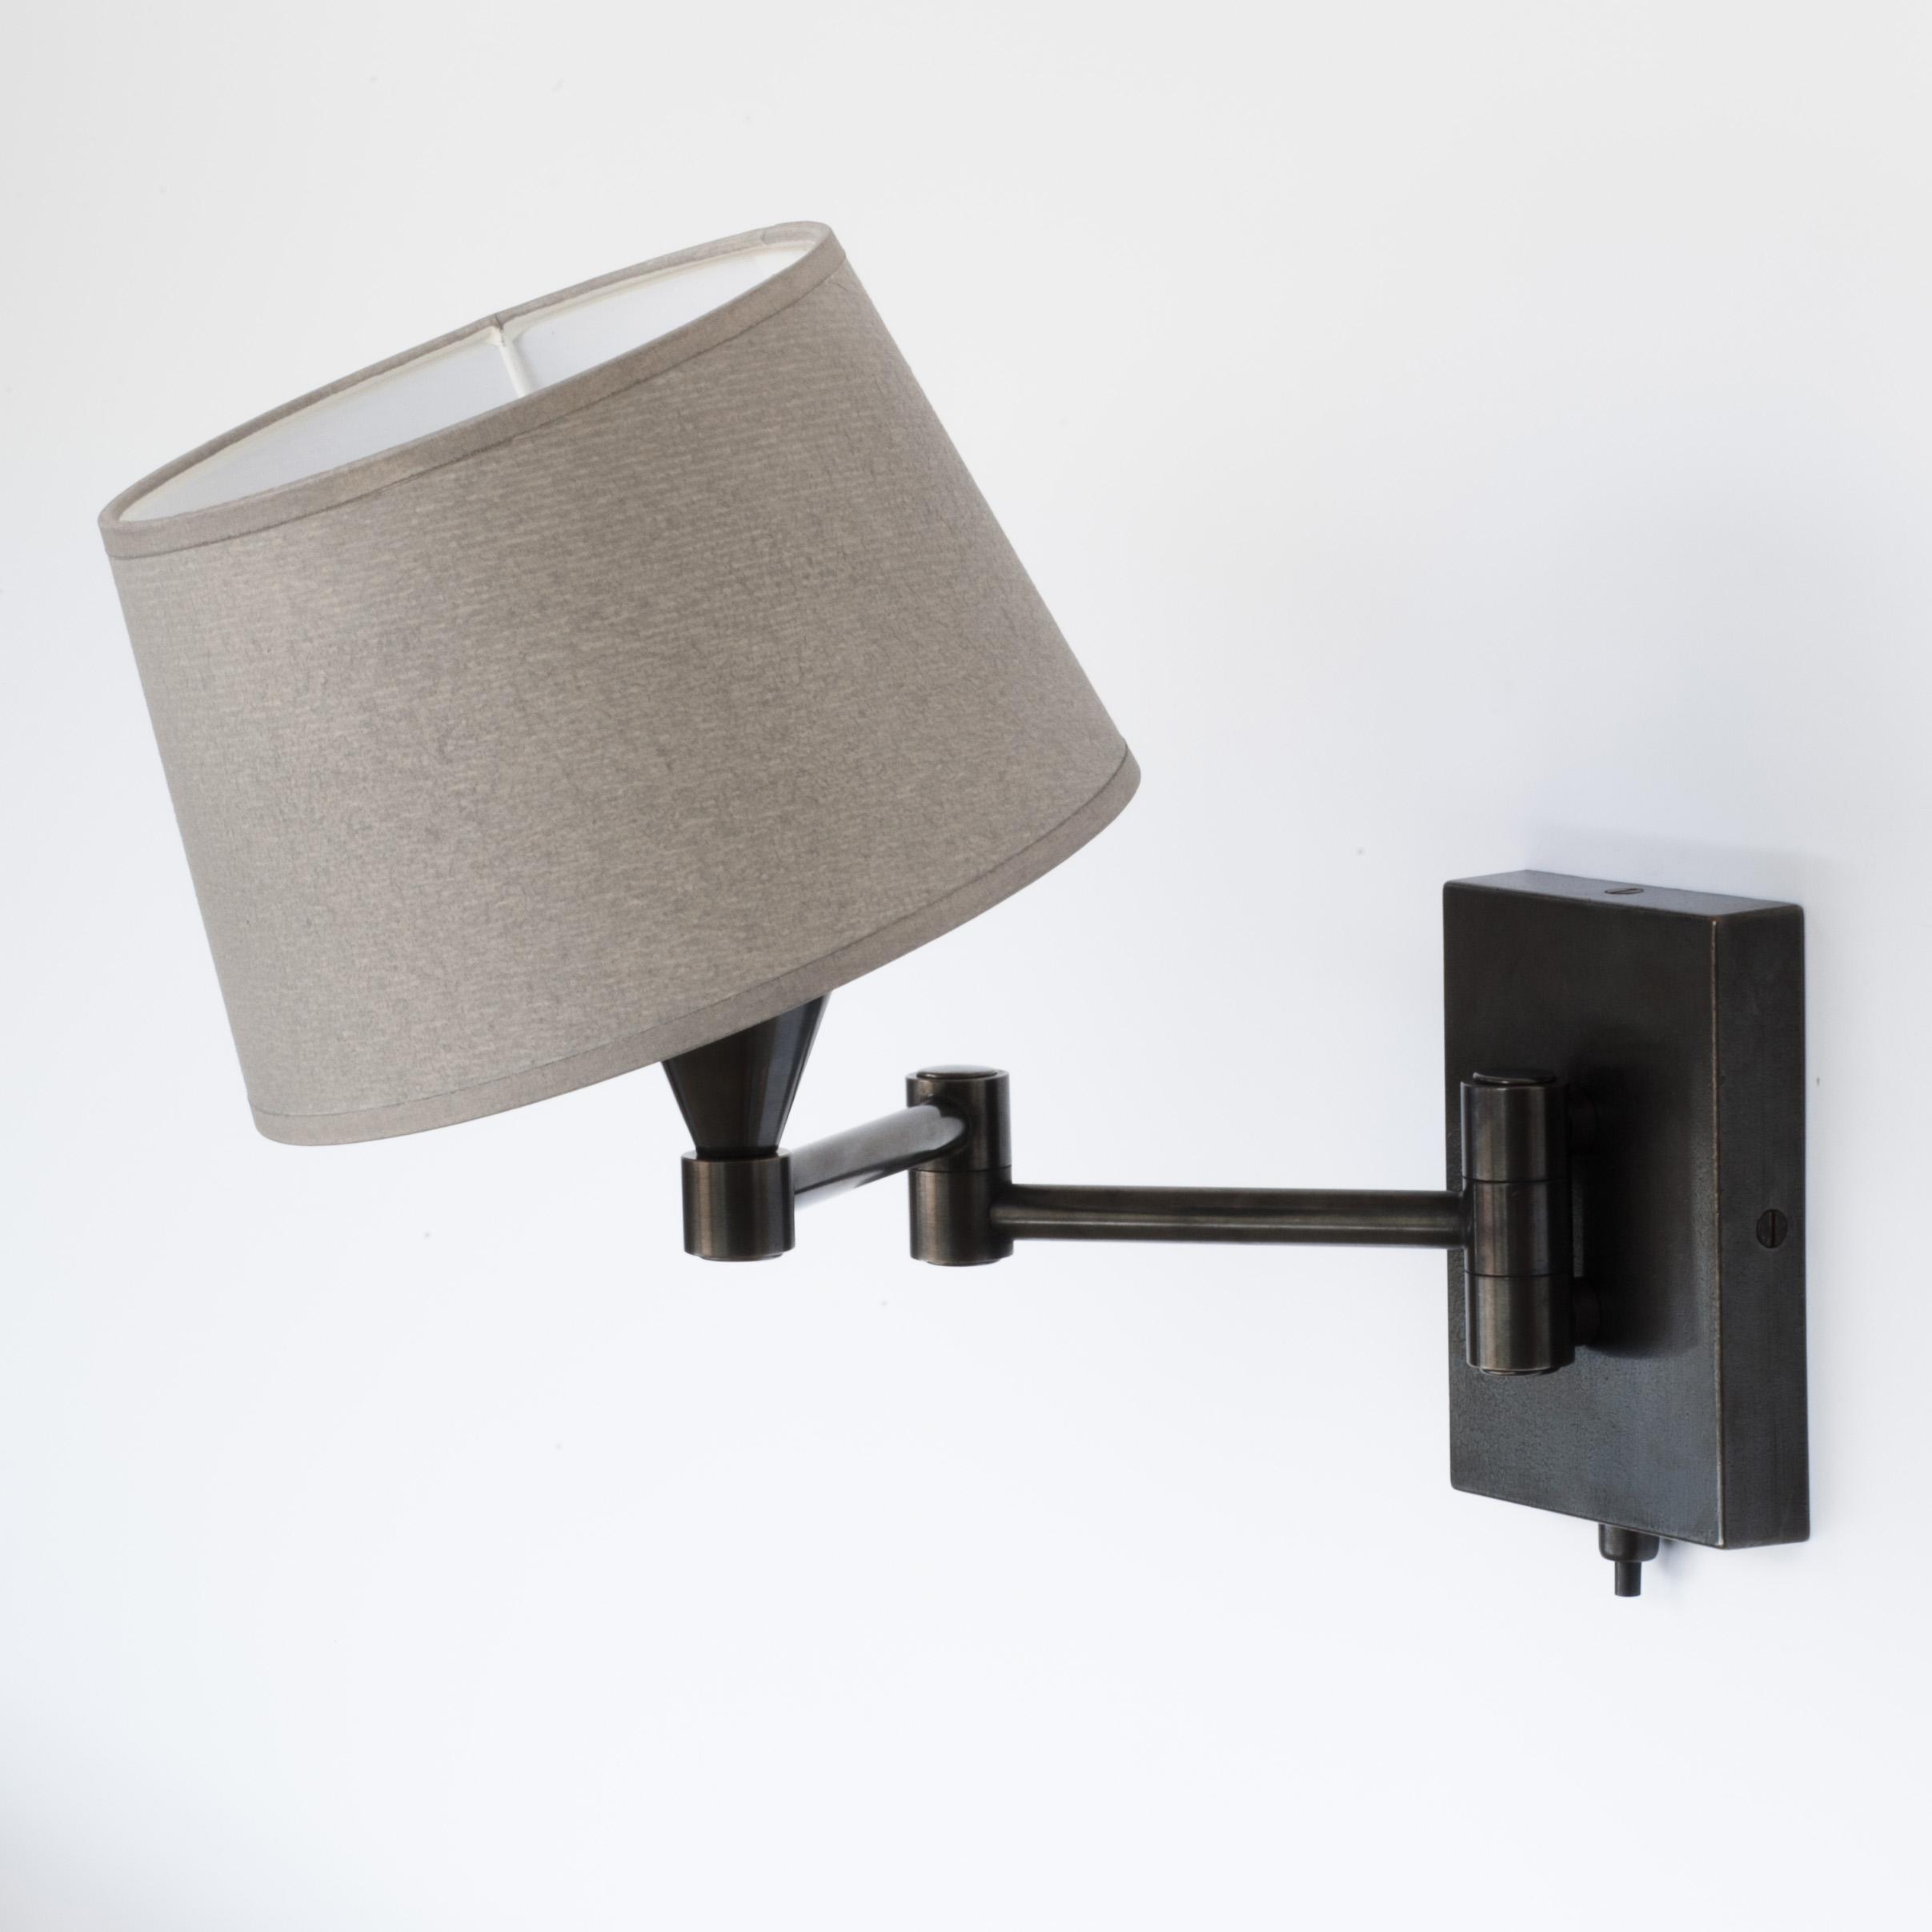 schwenkbare wandleuchte s schwarz bei. Black Bedroom Furniture Sets. Home Design Ideas